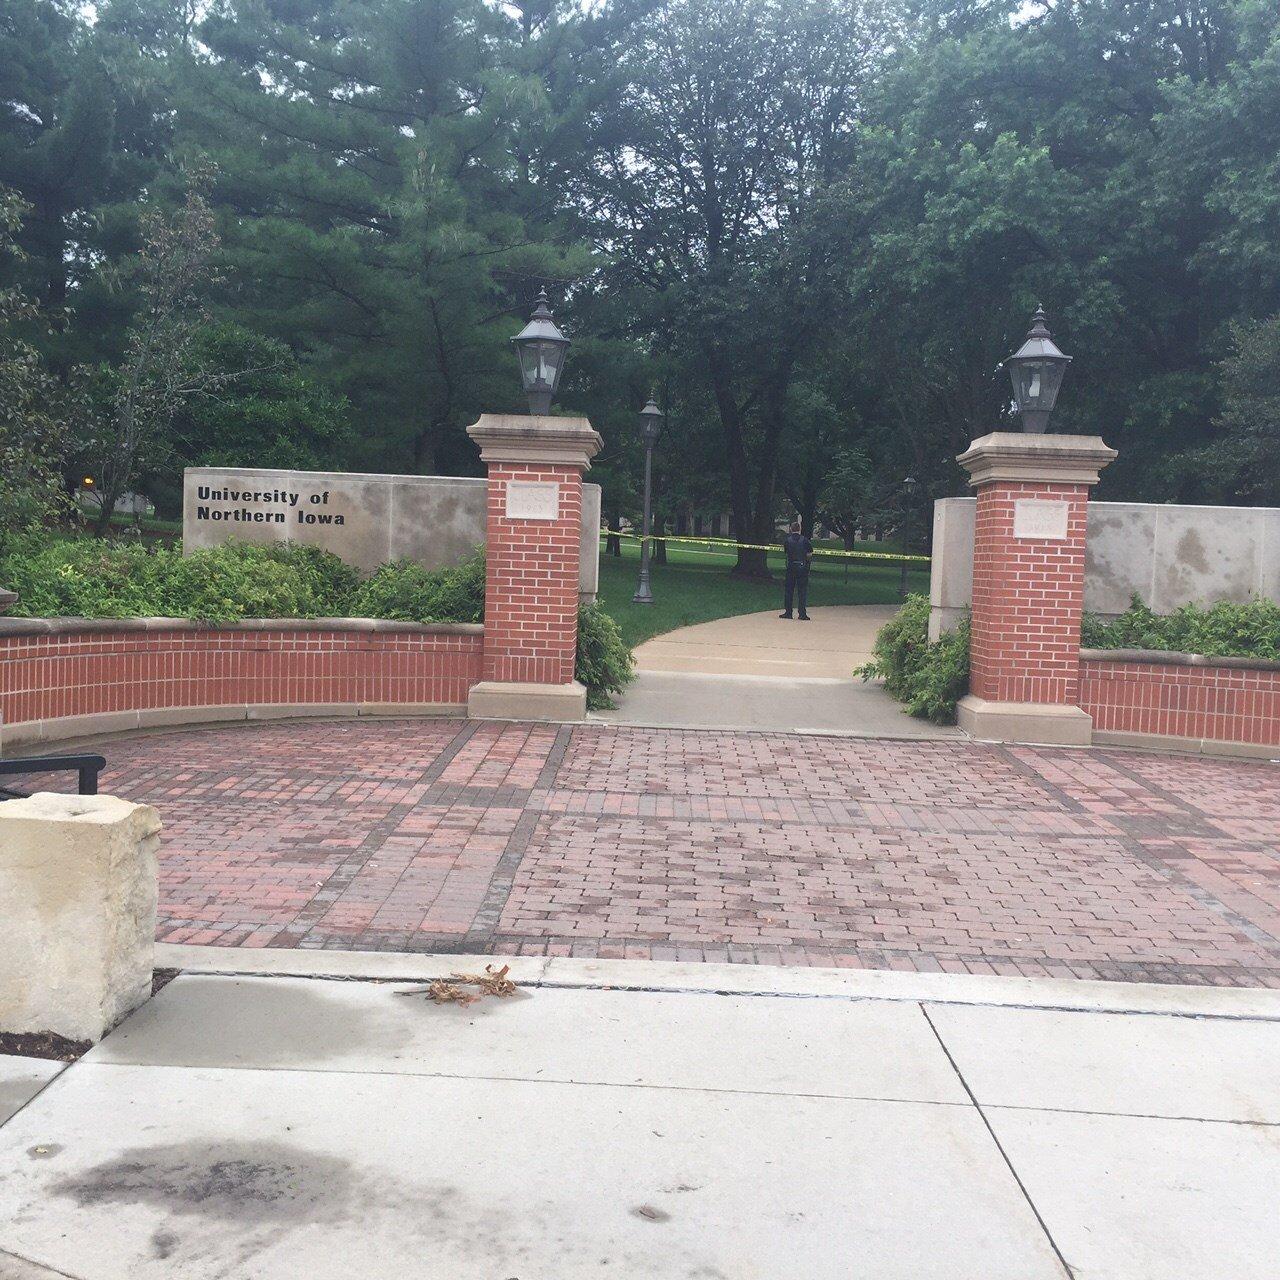 Tape blocks off part of UNI campus